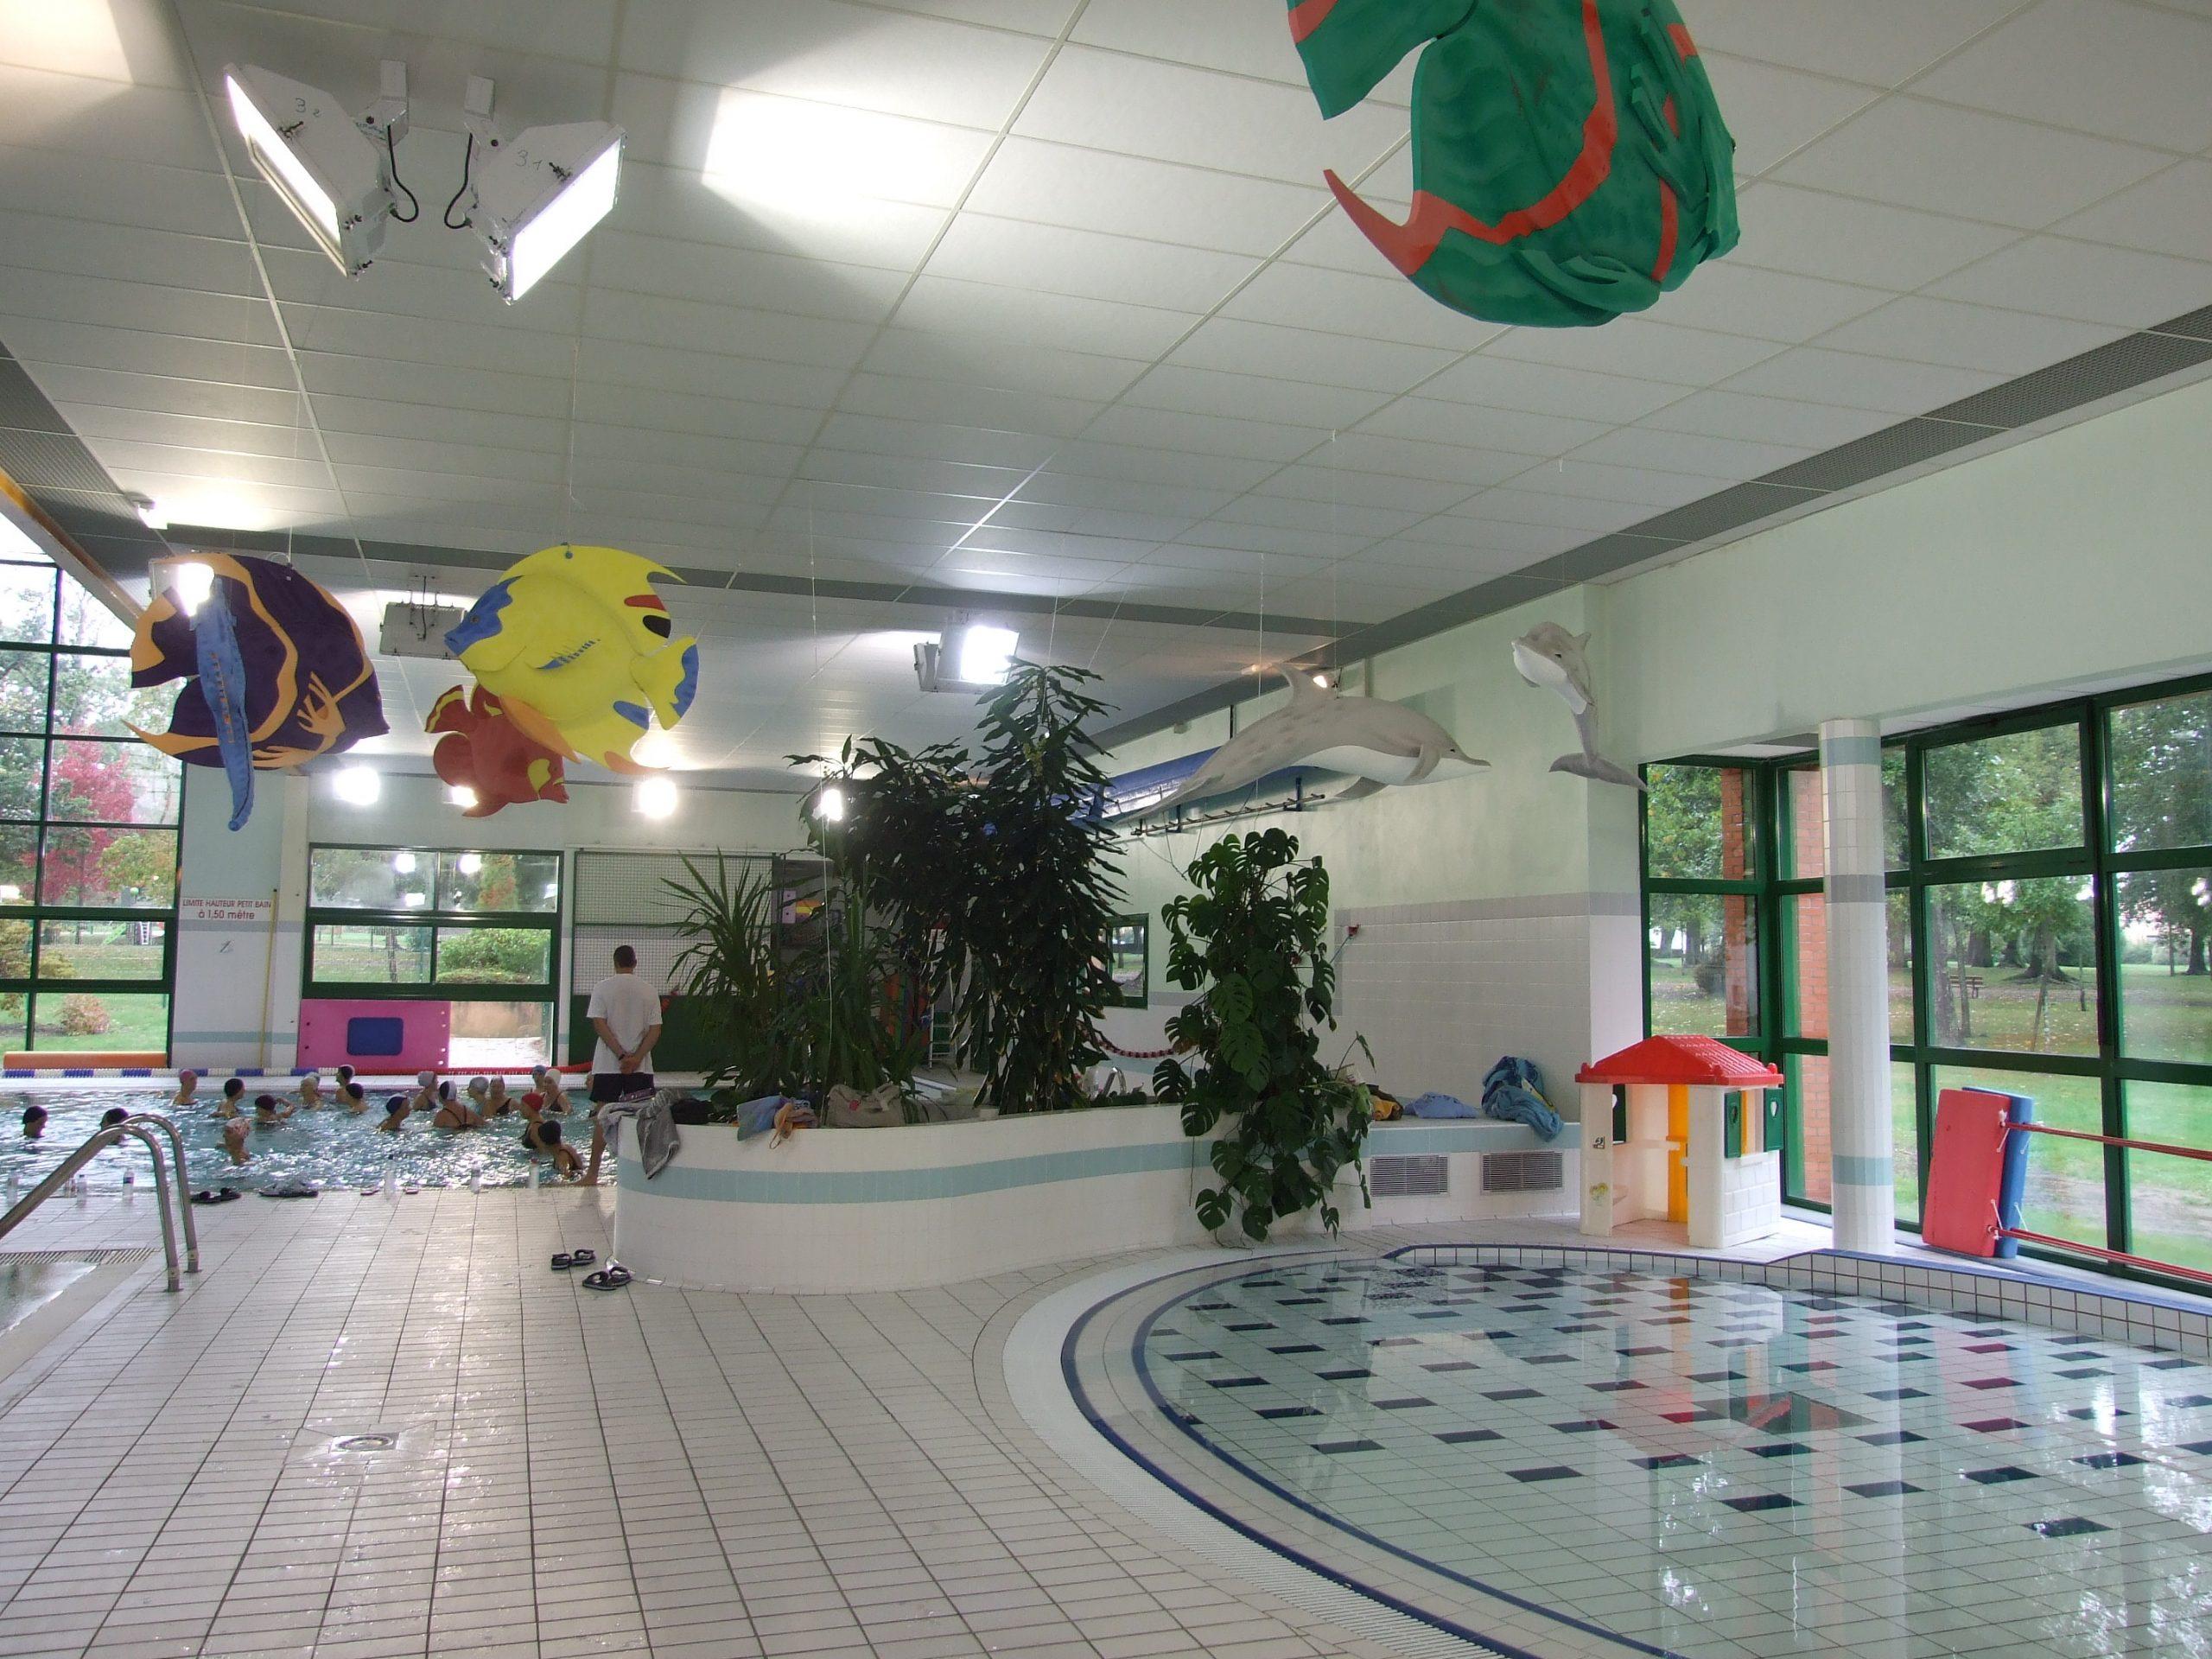 Dufisol: Faux Plafonds Pour Salles De Sport Et Gymnases intérieur Piscine Bourgonnière